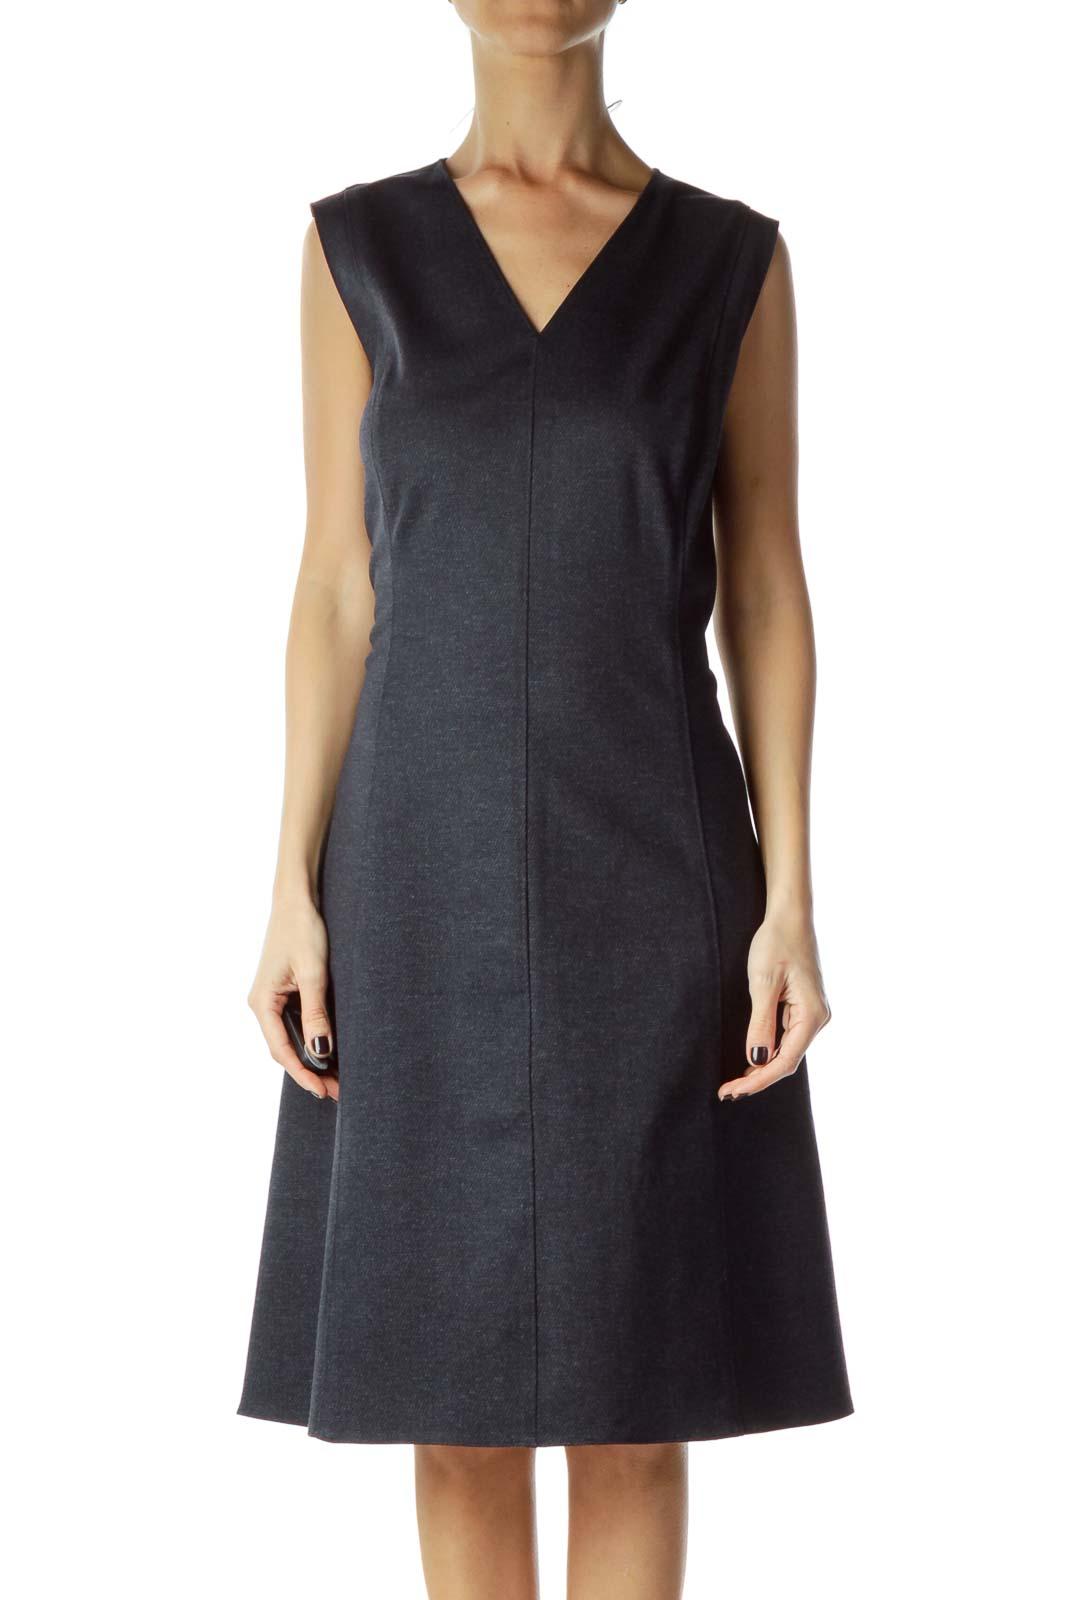 Blue A-line Zippered Work Dress